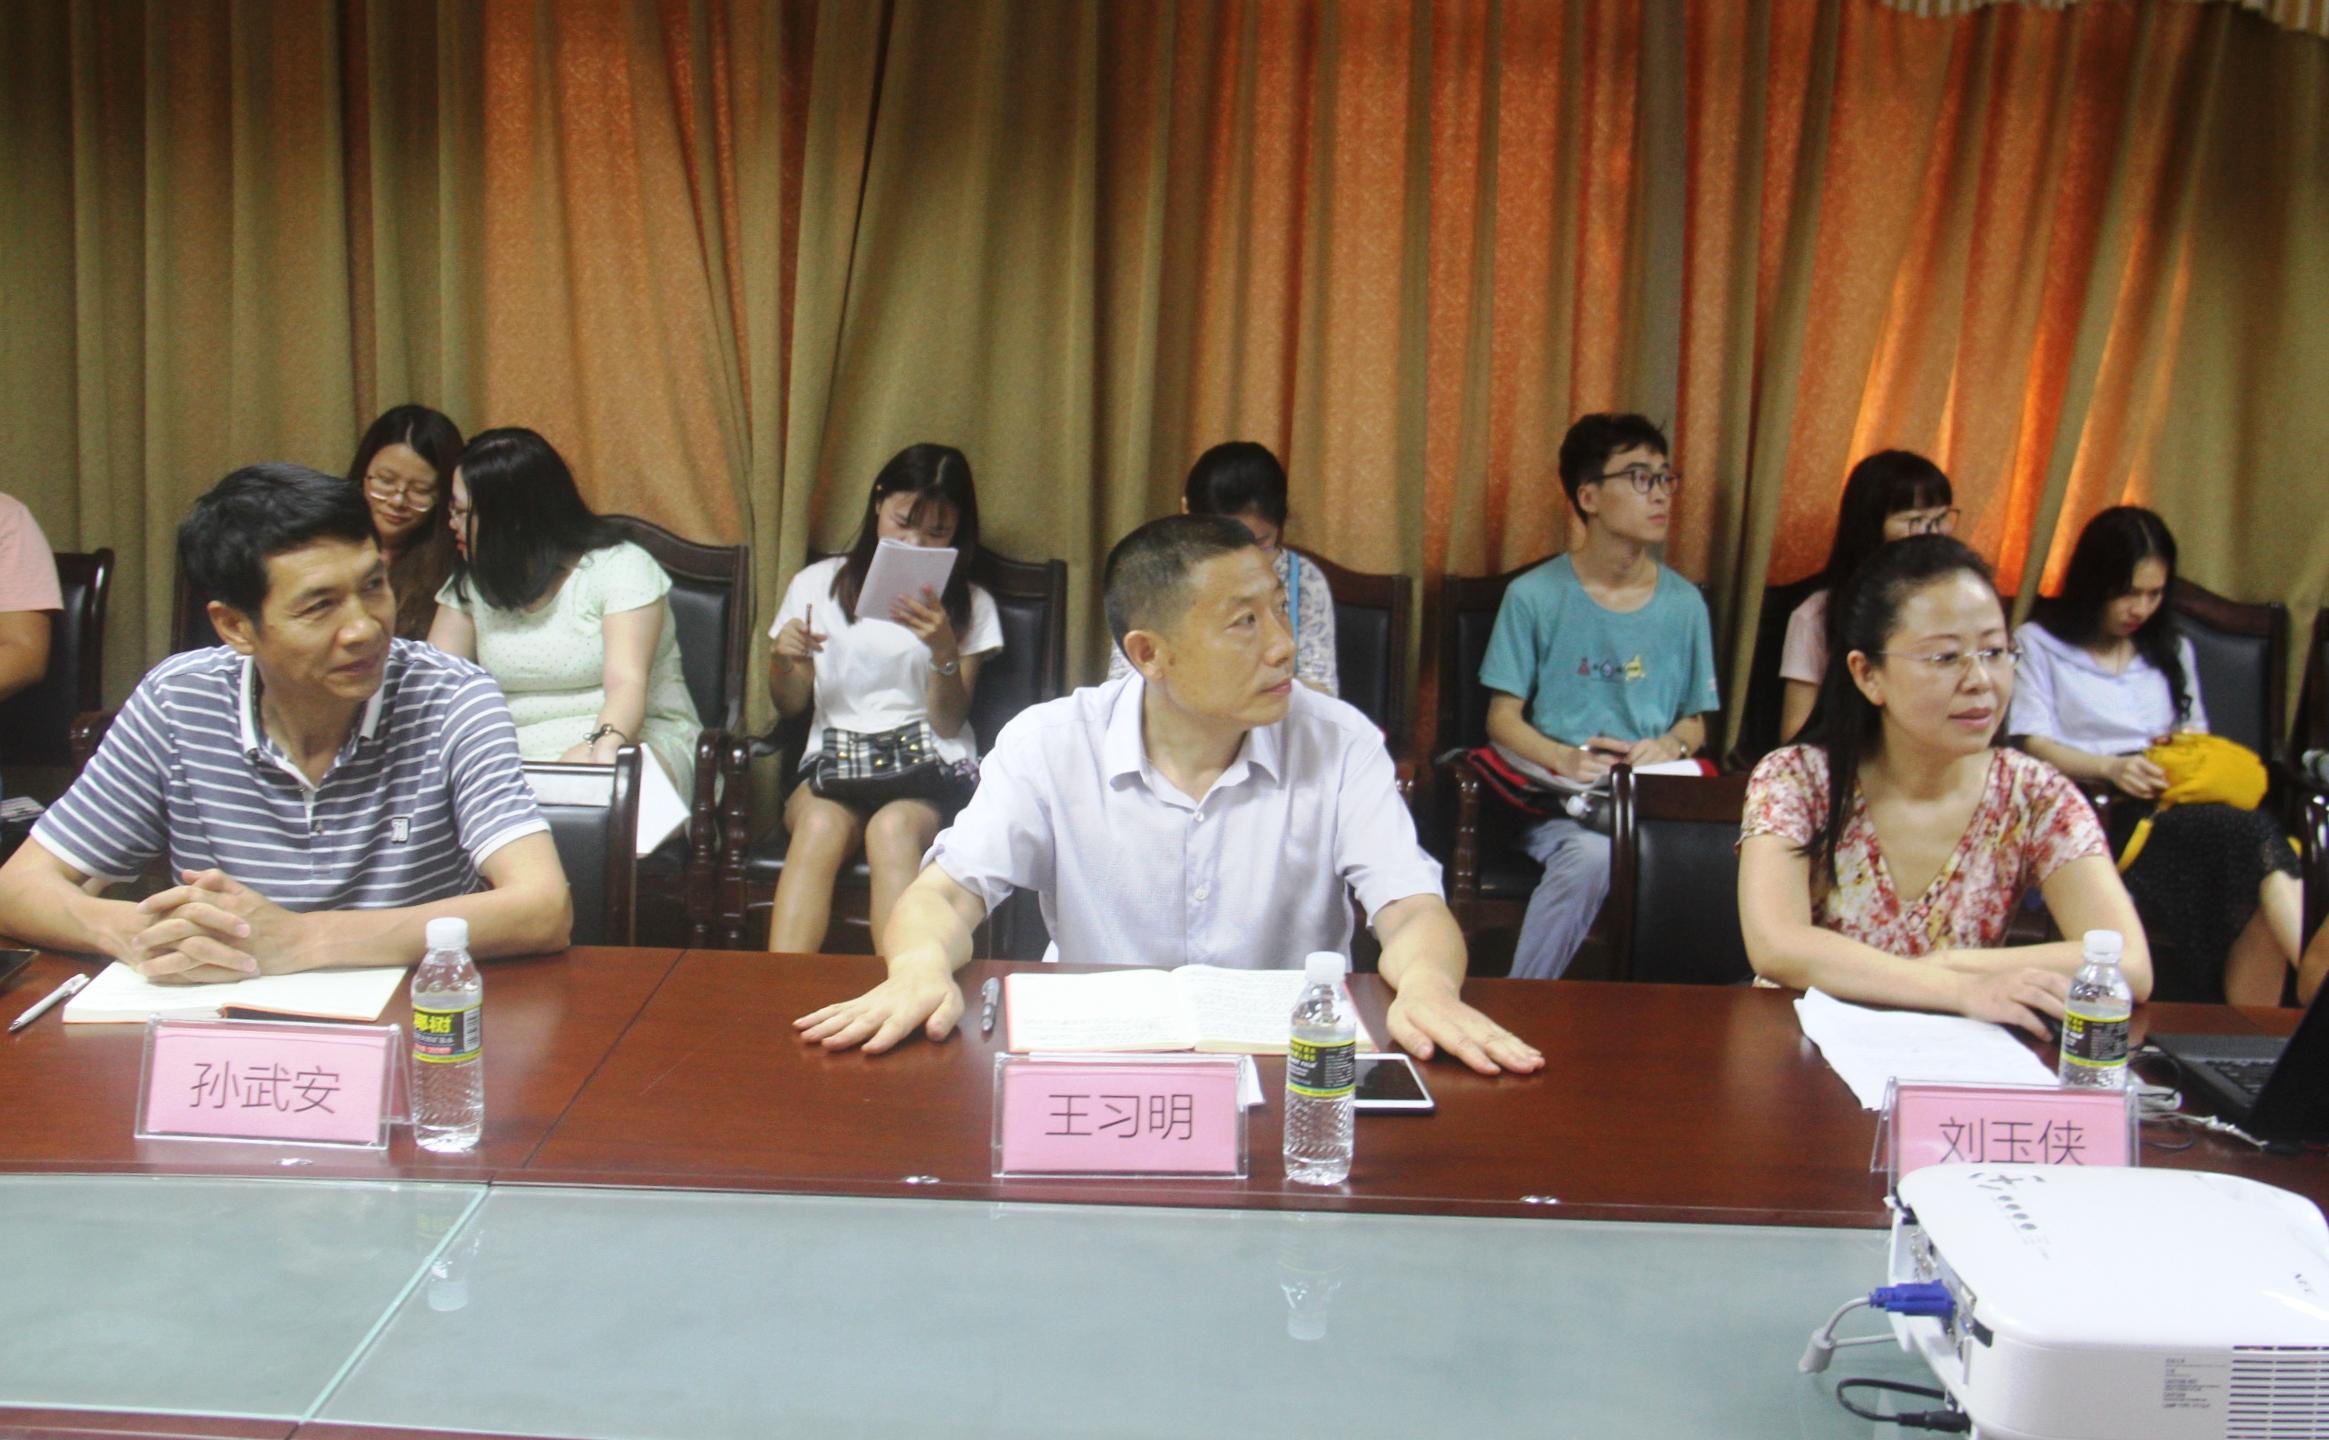 温州大学刘玉侠、孙武安两位教授来我校讲座